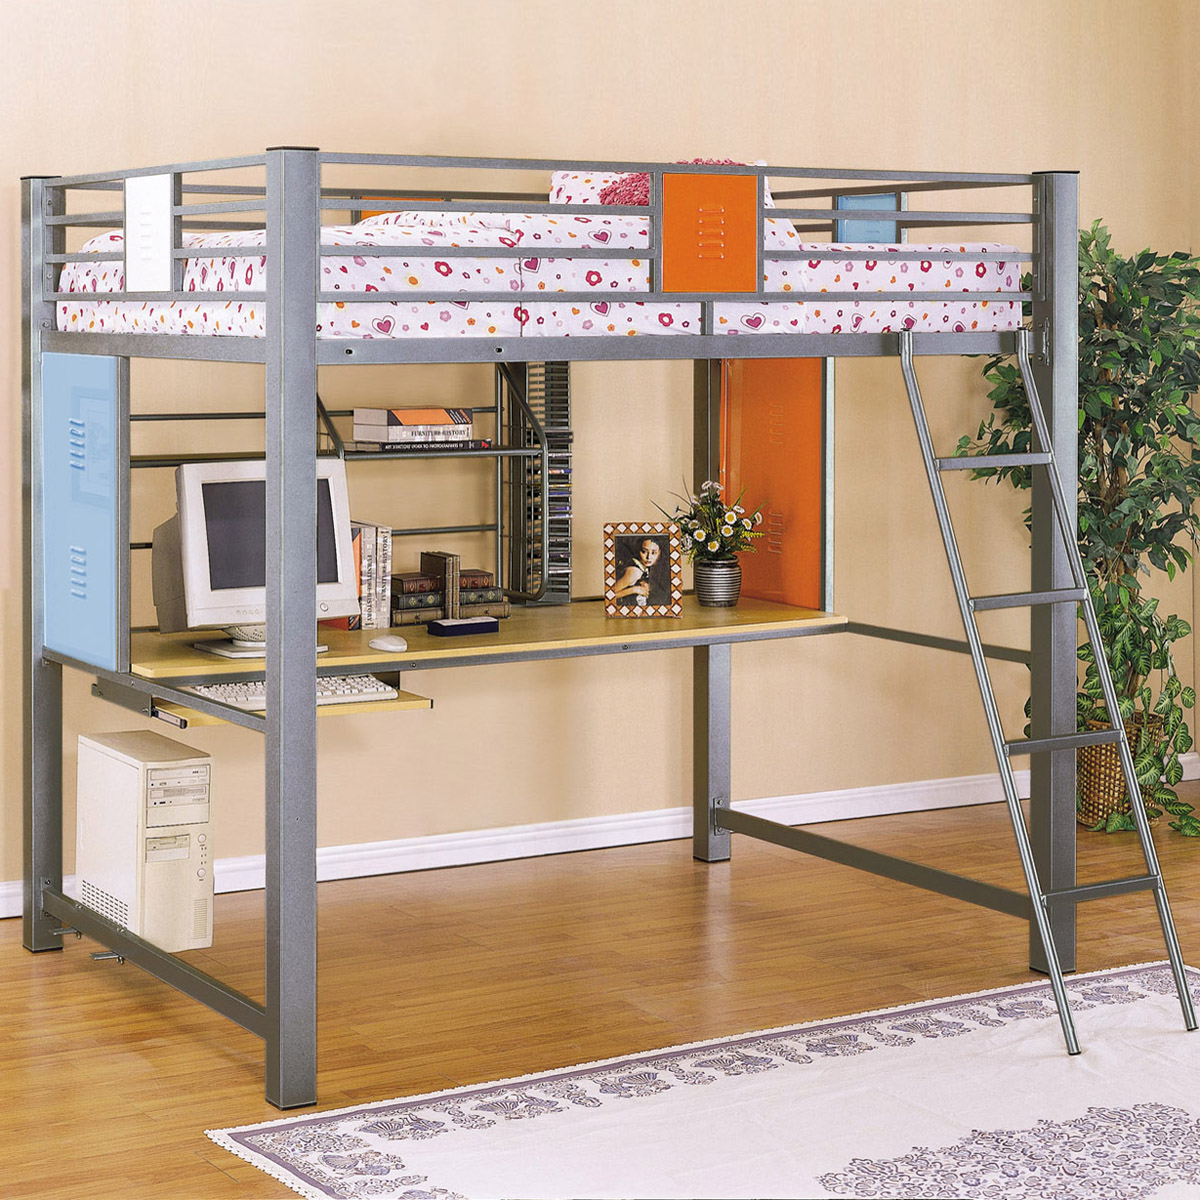 Full Loft Bed With Desk For Teens ... Tiesto Full Loft Bunk Bed - KBL-517-117 ...